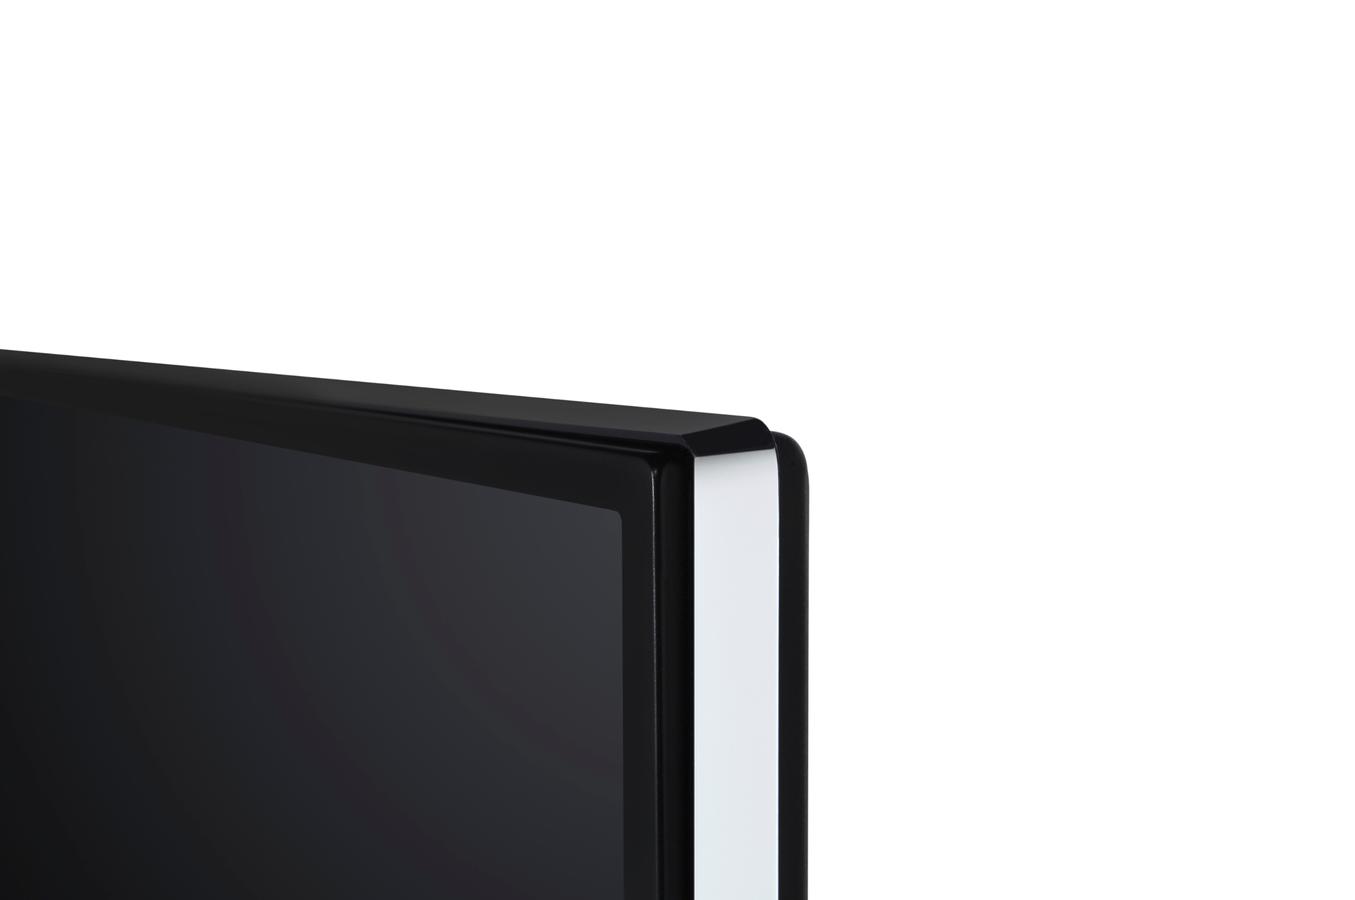 tv led panasonic tx 55cx400e 4k uhd 4143566 darty. Black Bedroom Furniture Sets. Home Design Ideas